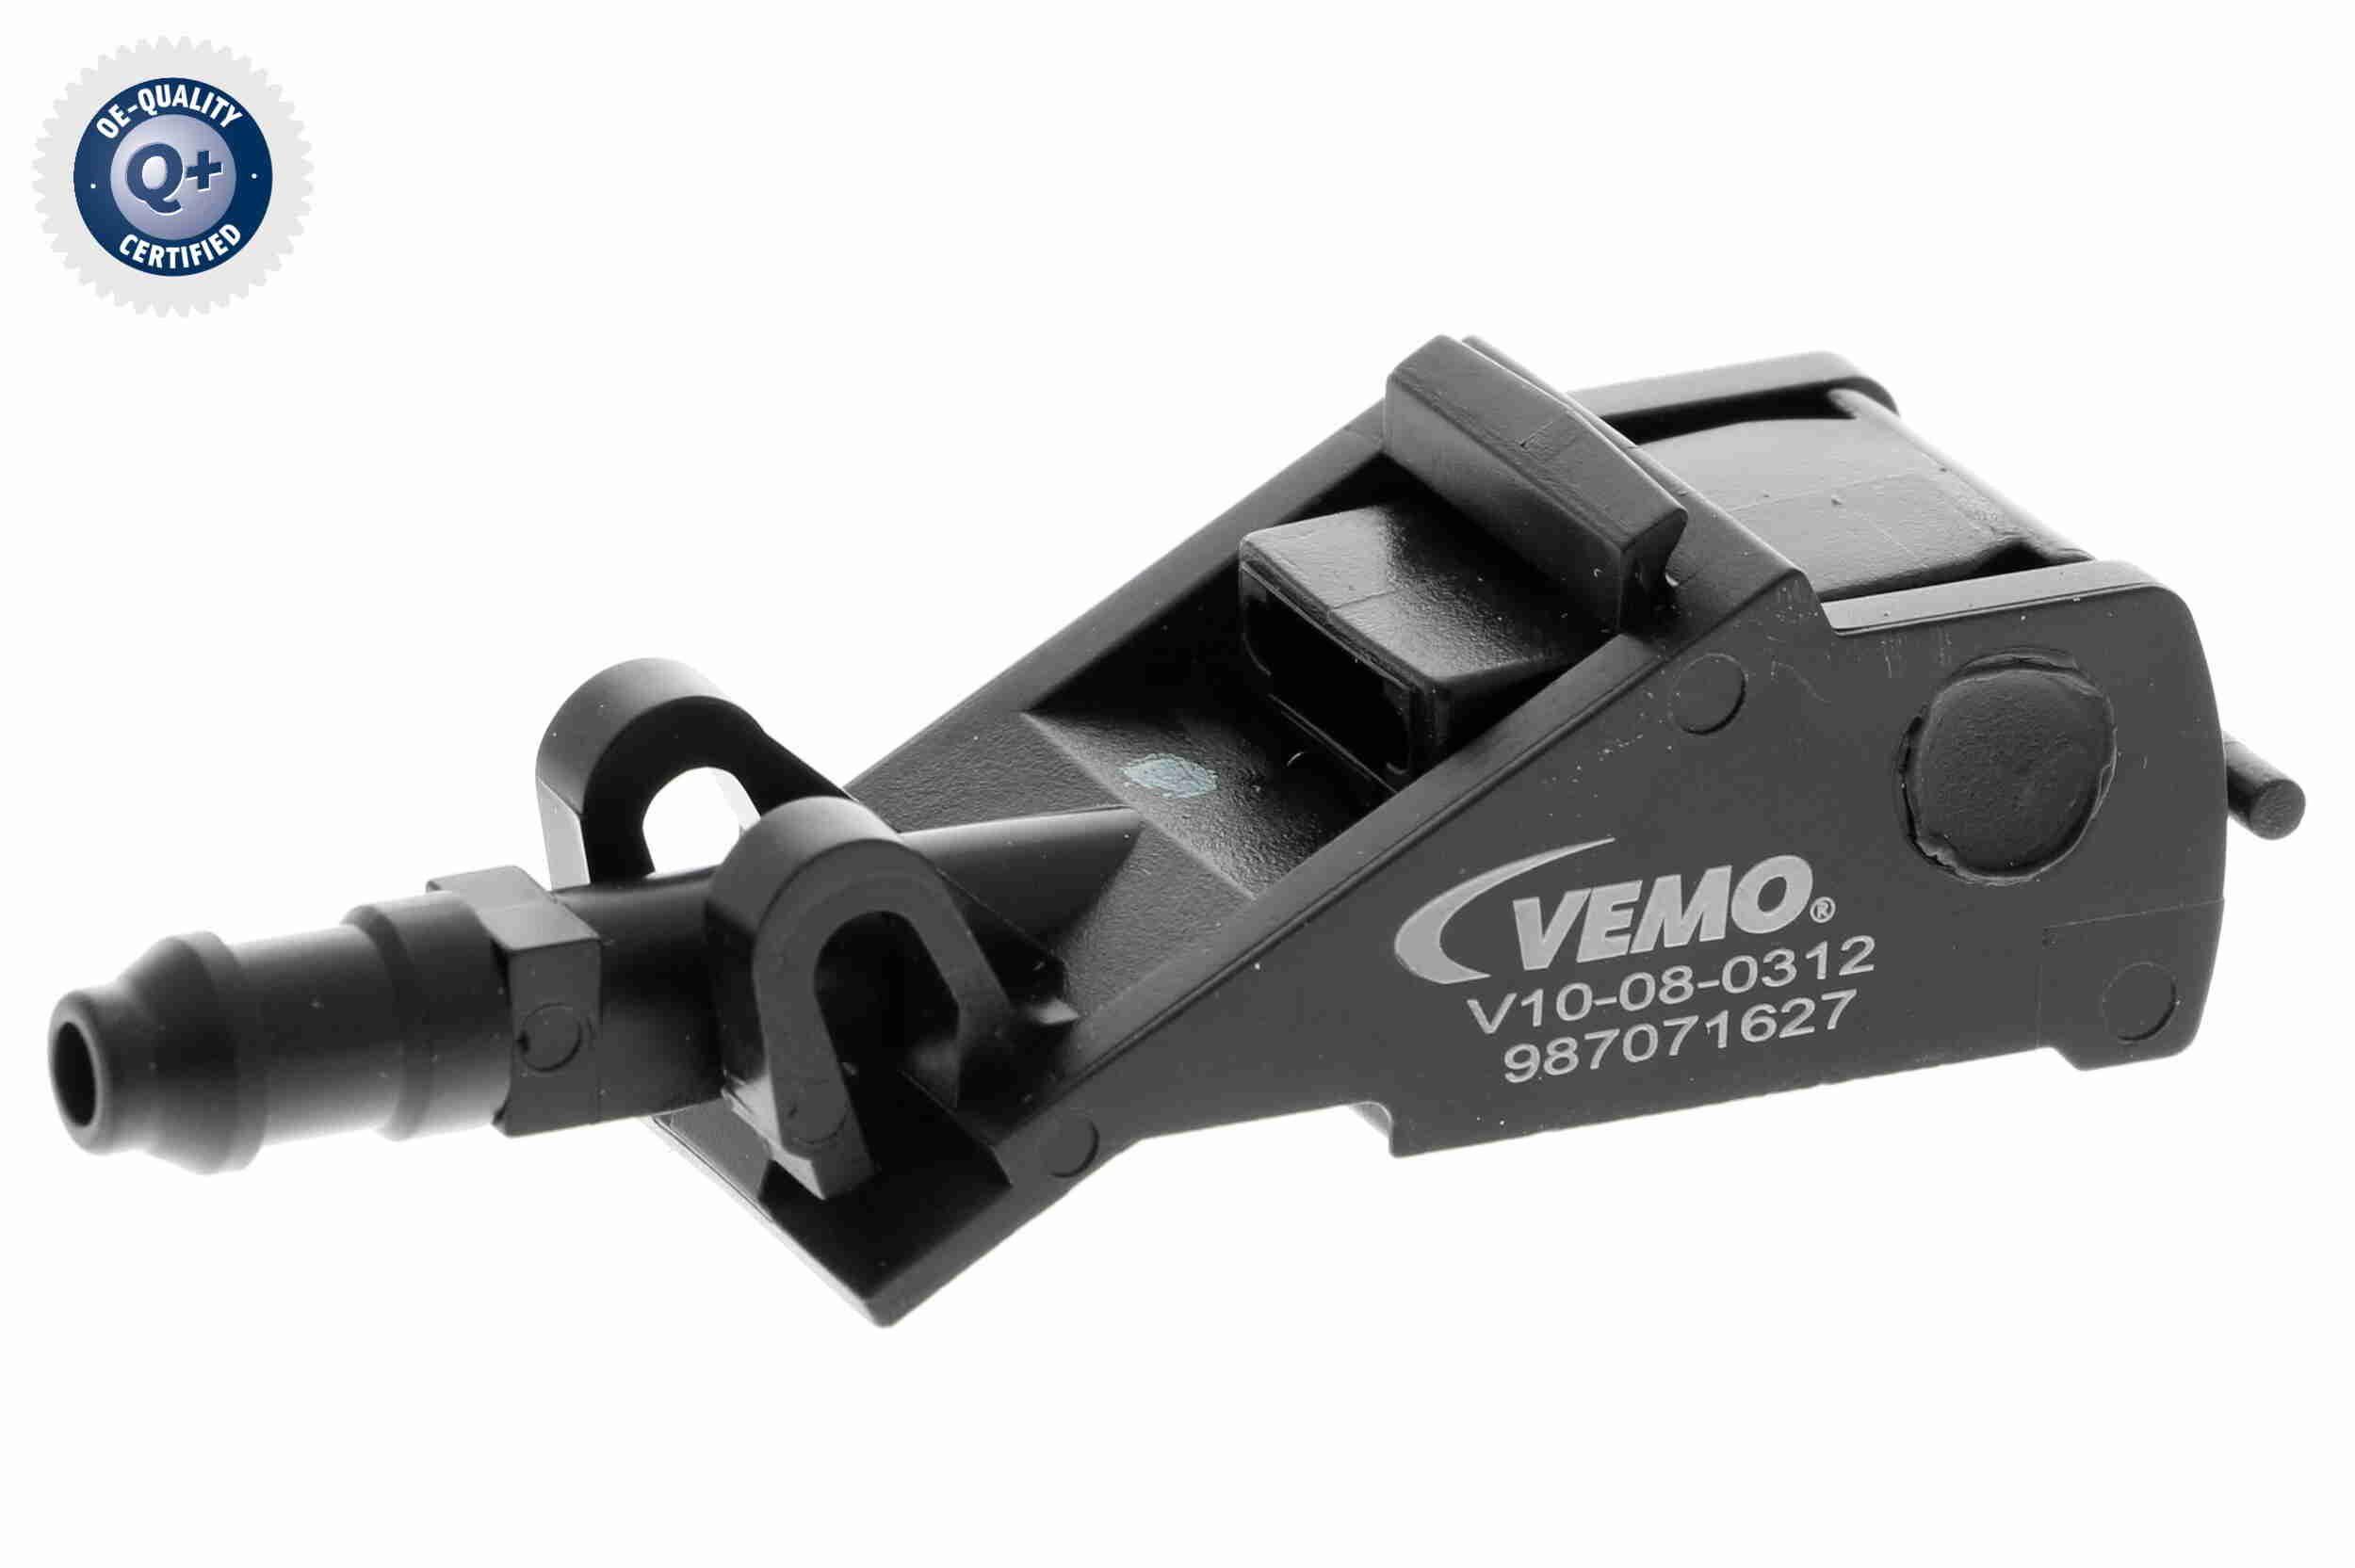 V10-08-0312 VEMO mit 25% Rabatt!